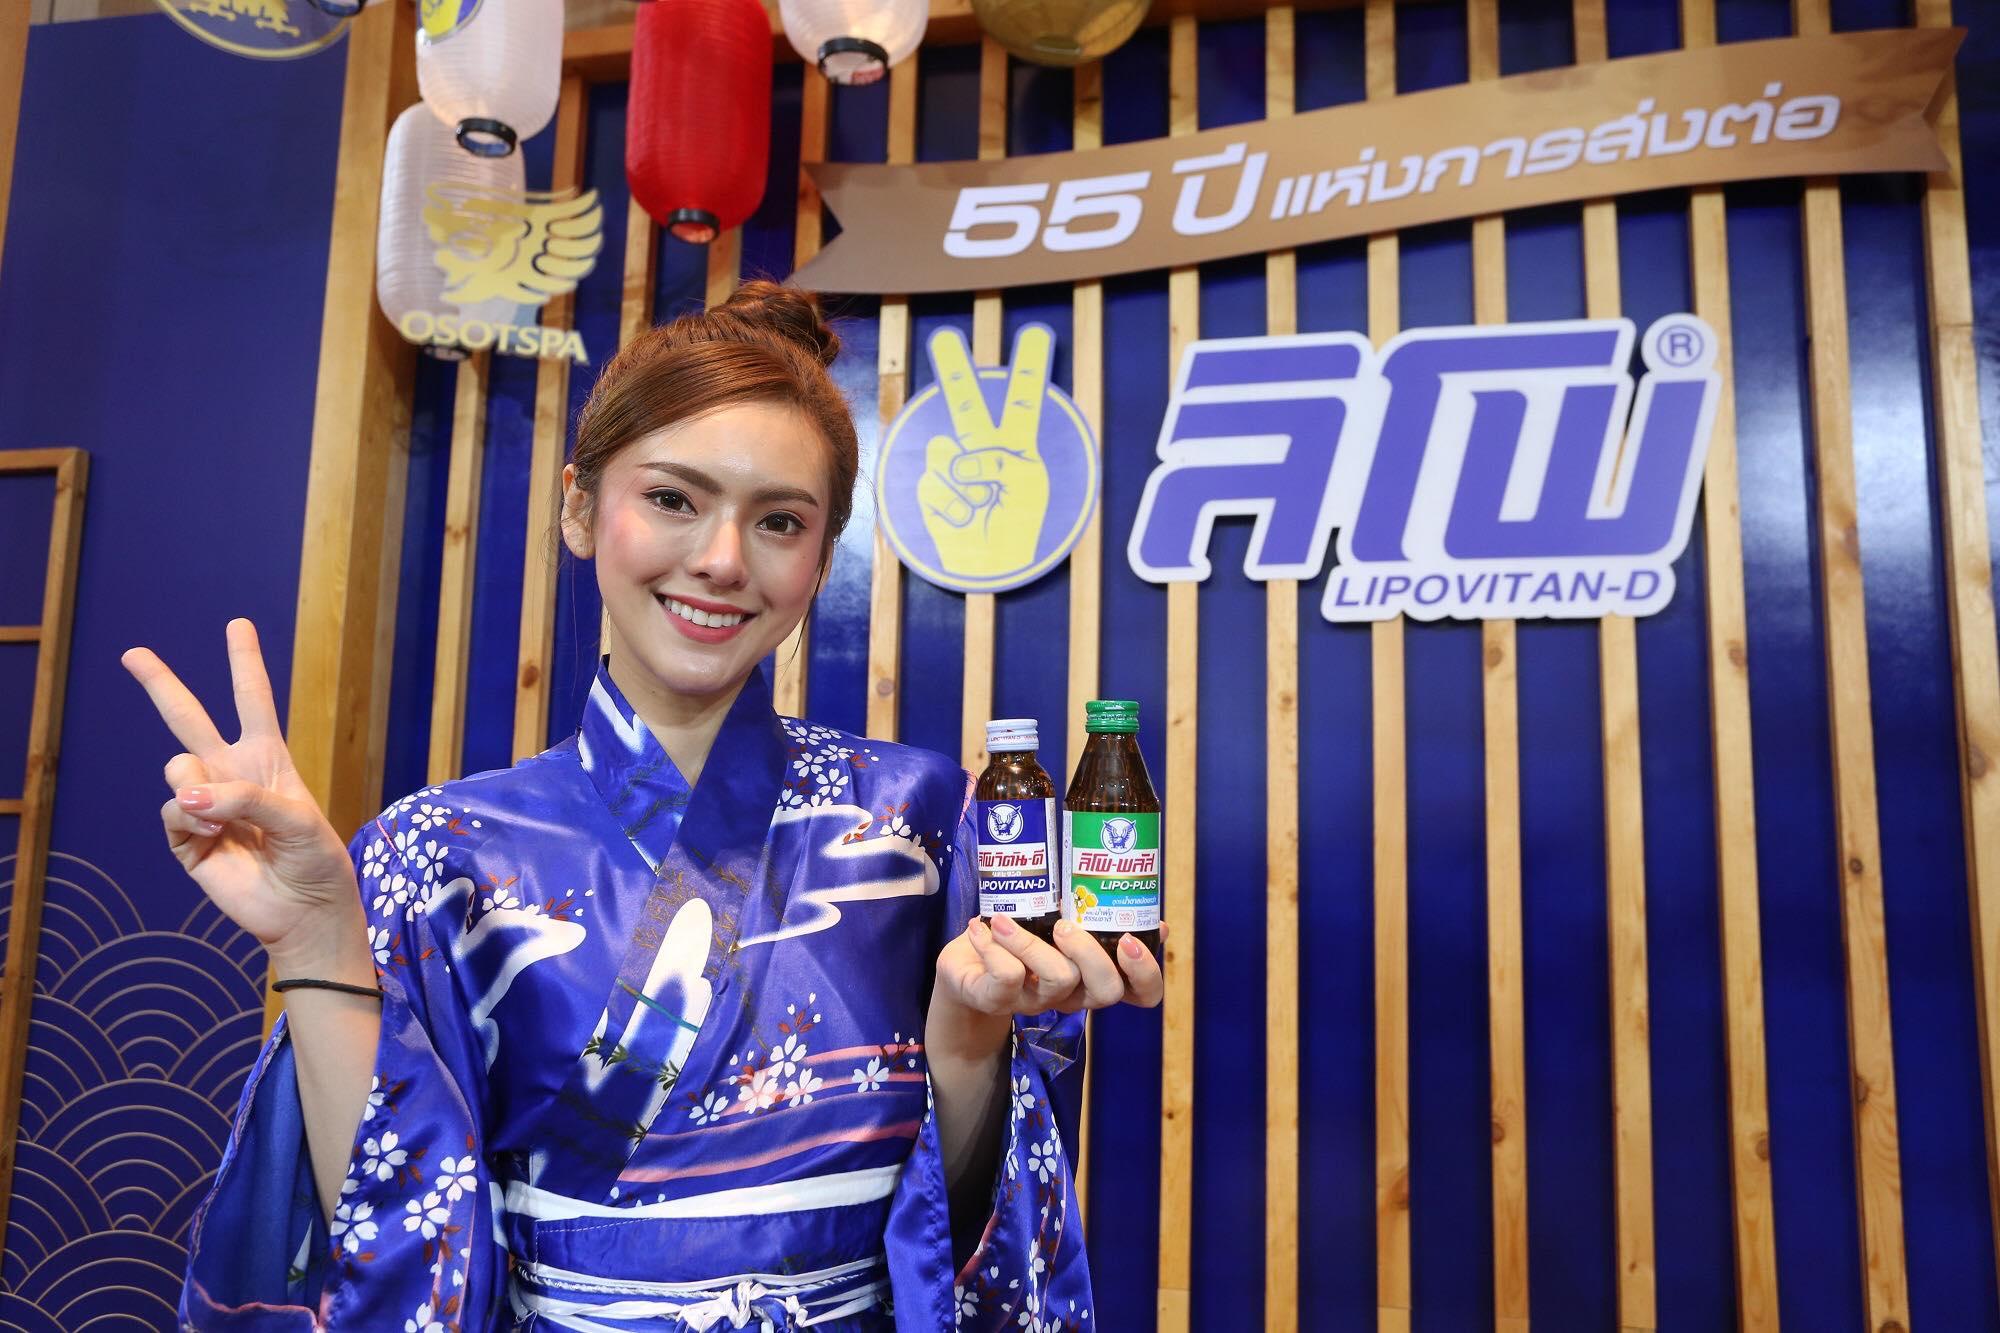 力保美達(Lipovitan-D)慶祝進入泰國市場55周年(官網圖片)